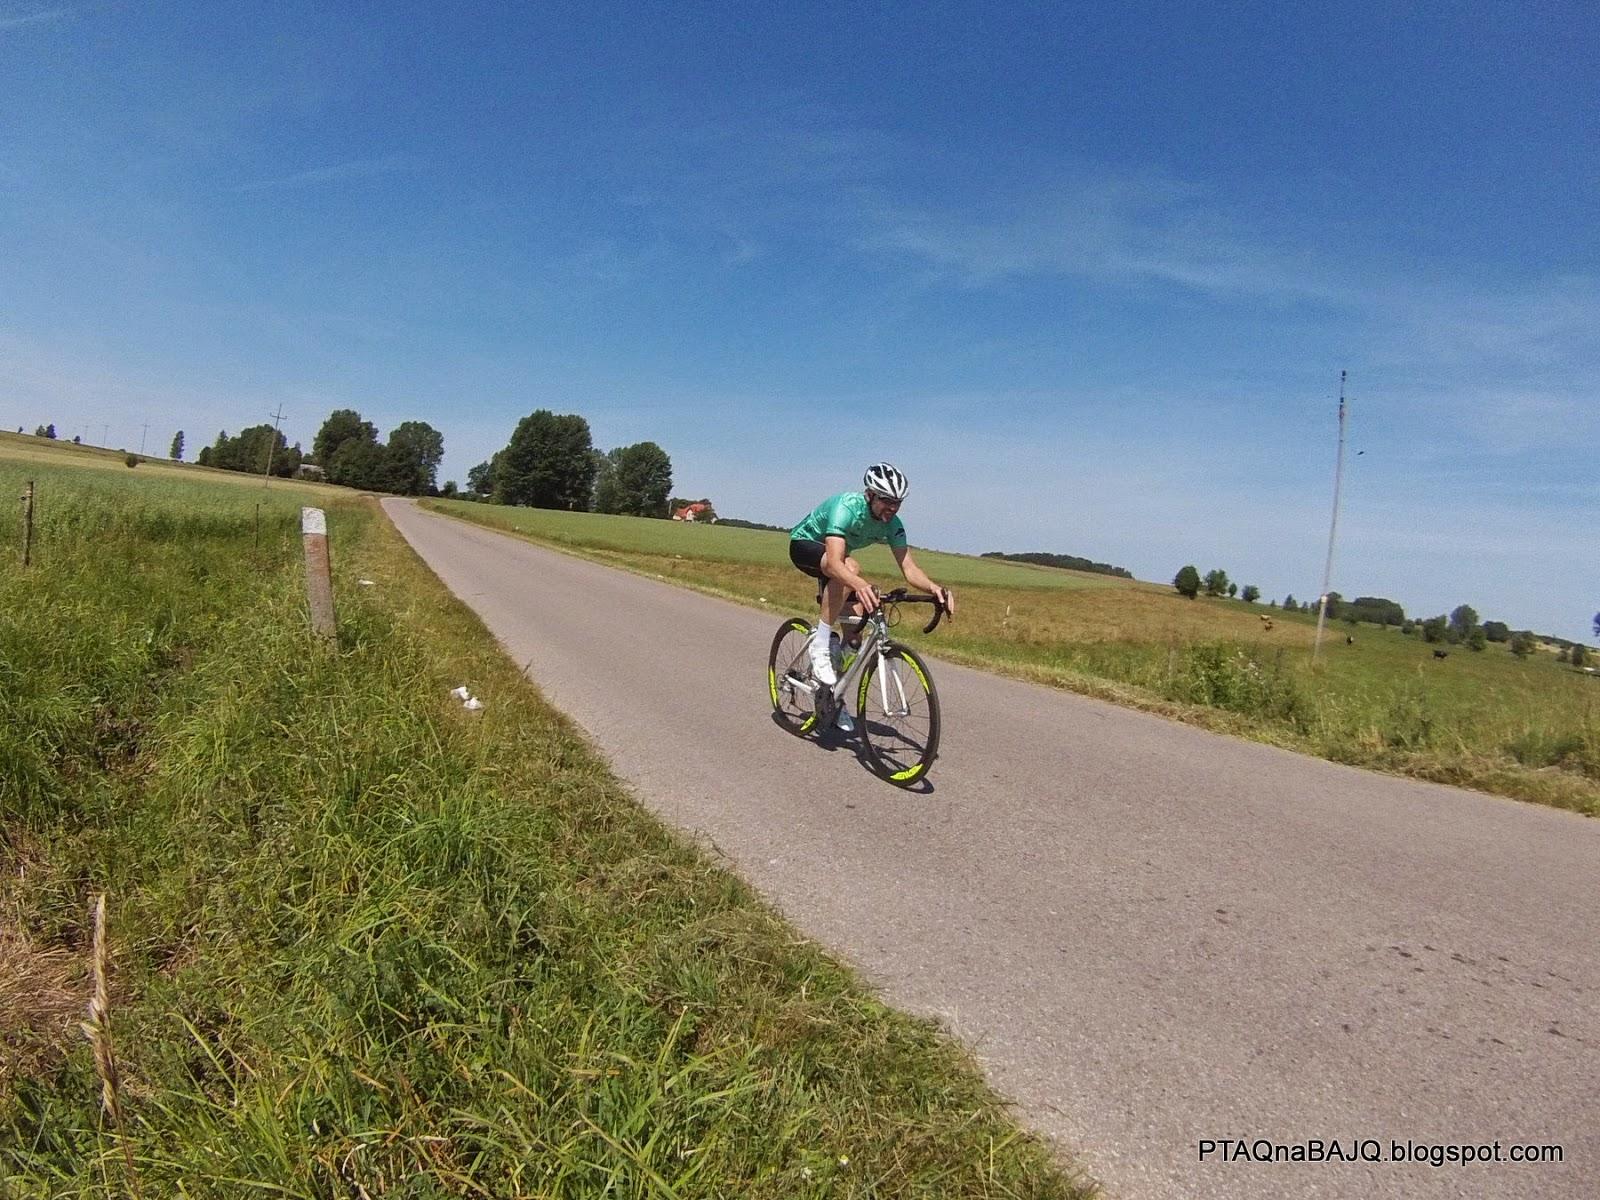 FILE2603 - Własnie dlatego kocham rower